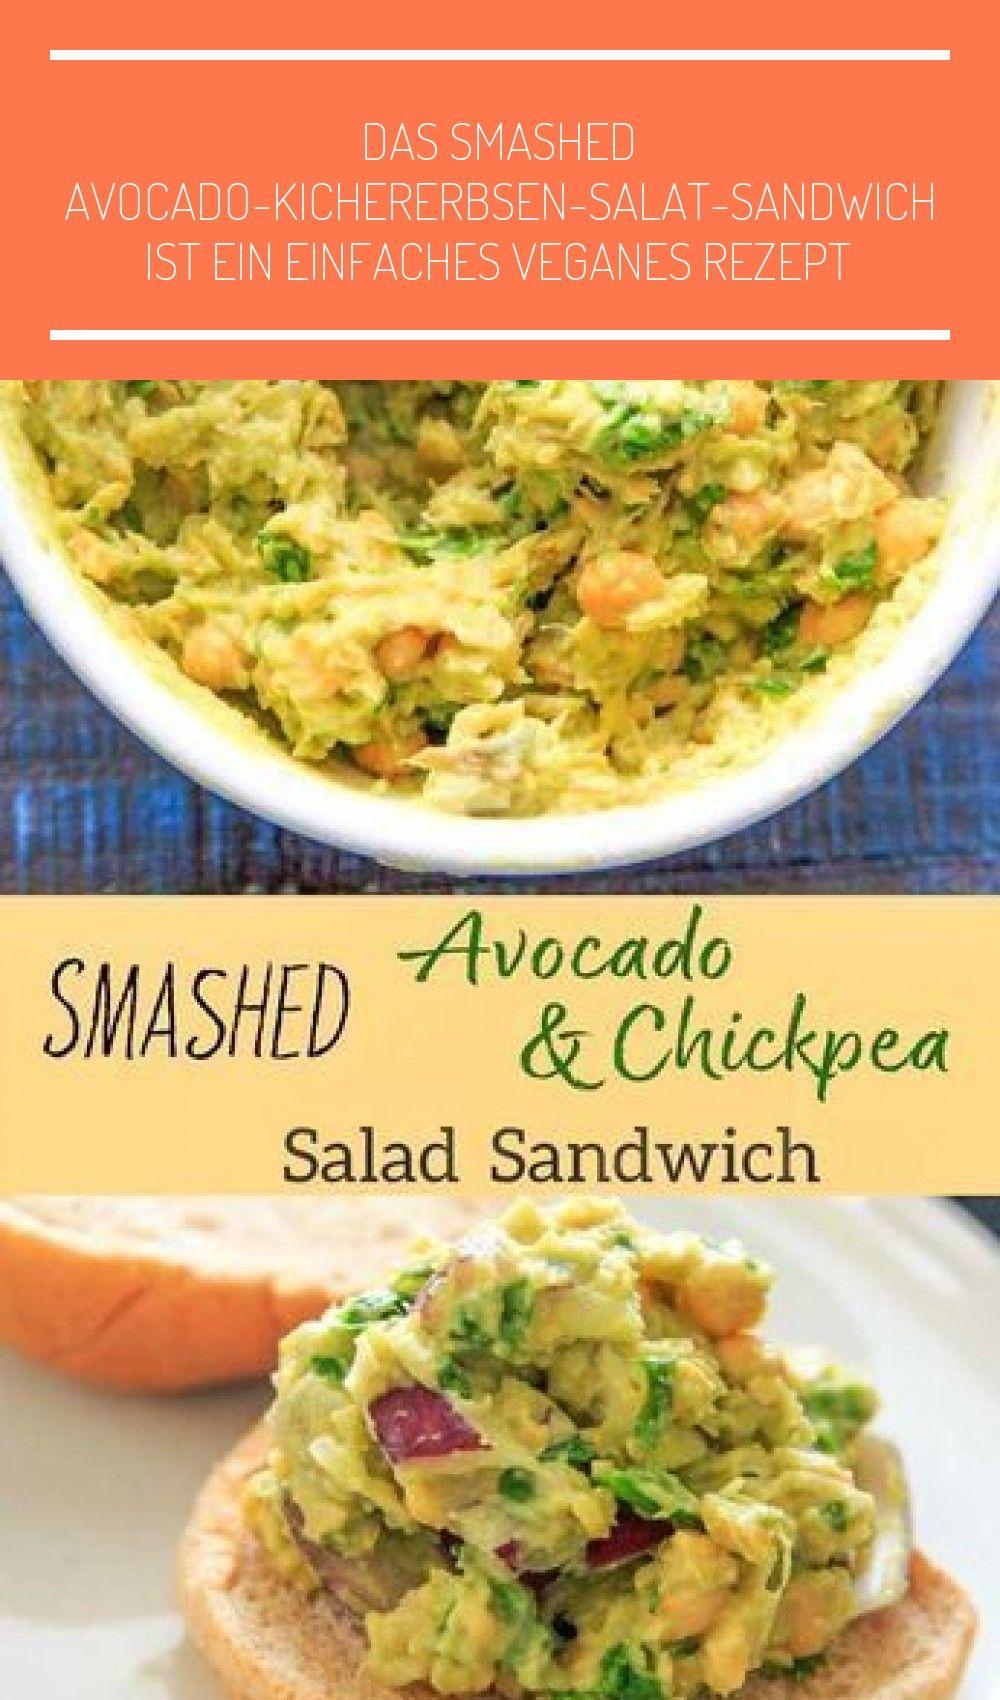 Das Smashed Avocado-Kichererbsen-Salat-Sandwich ist ein einfaches veganes Rezept ... - Chickpea Sal